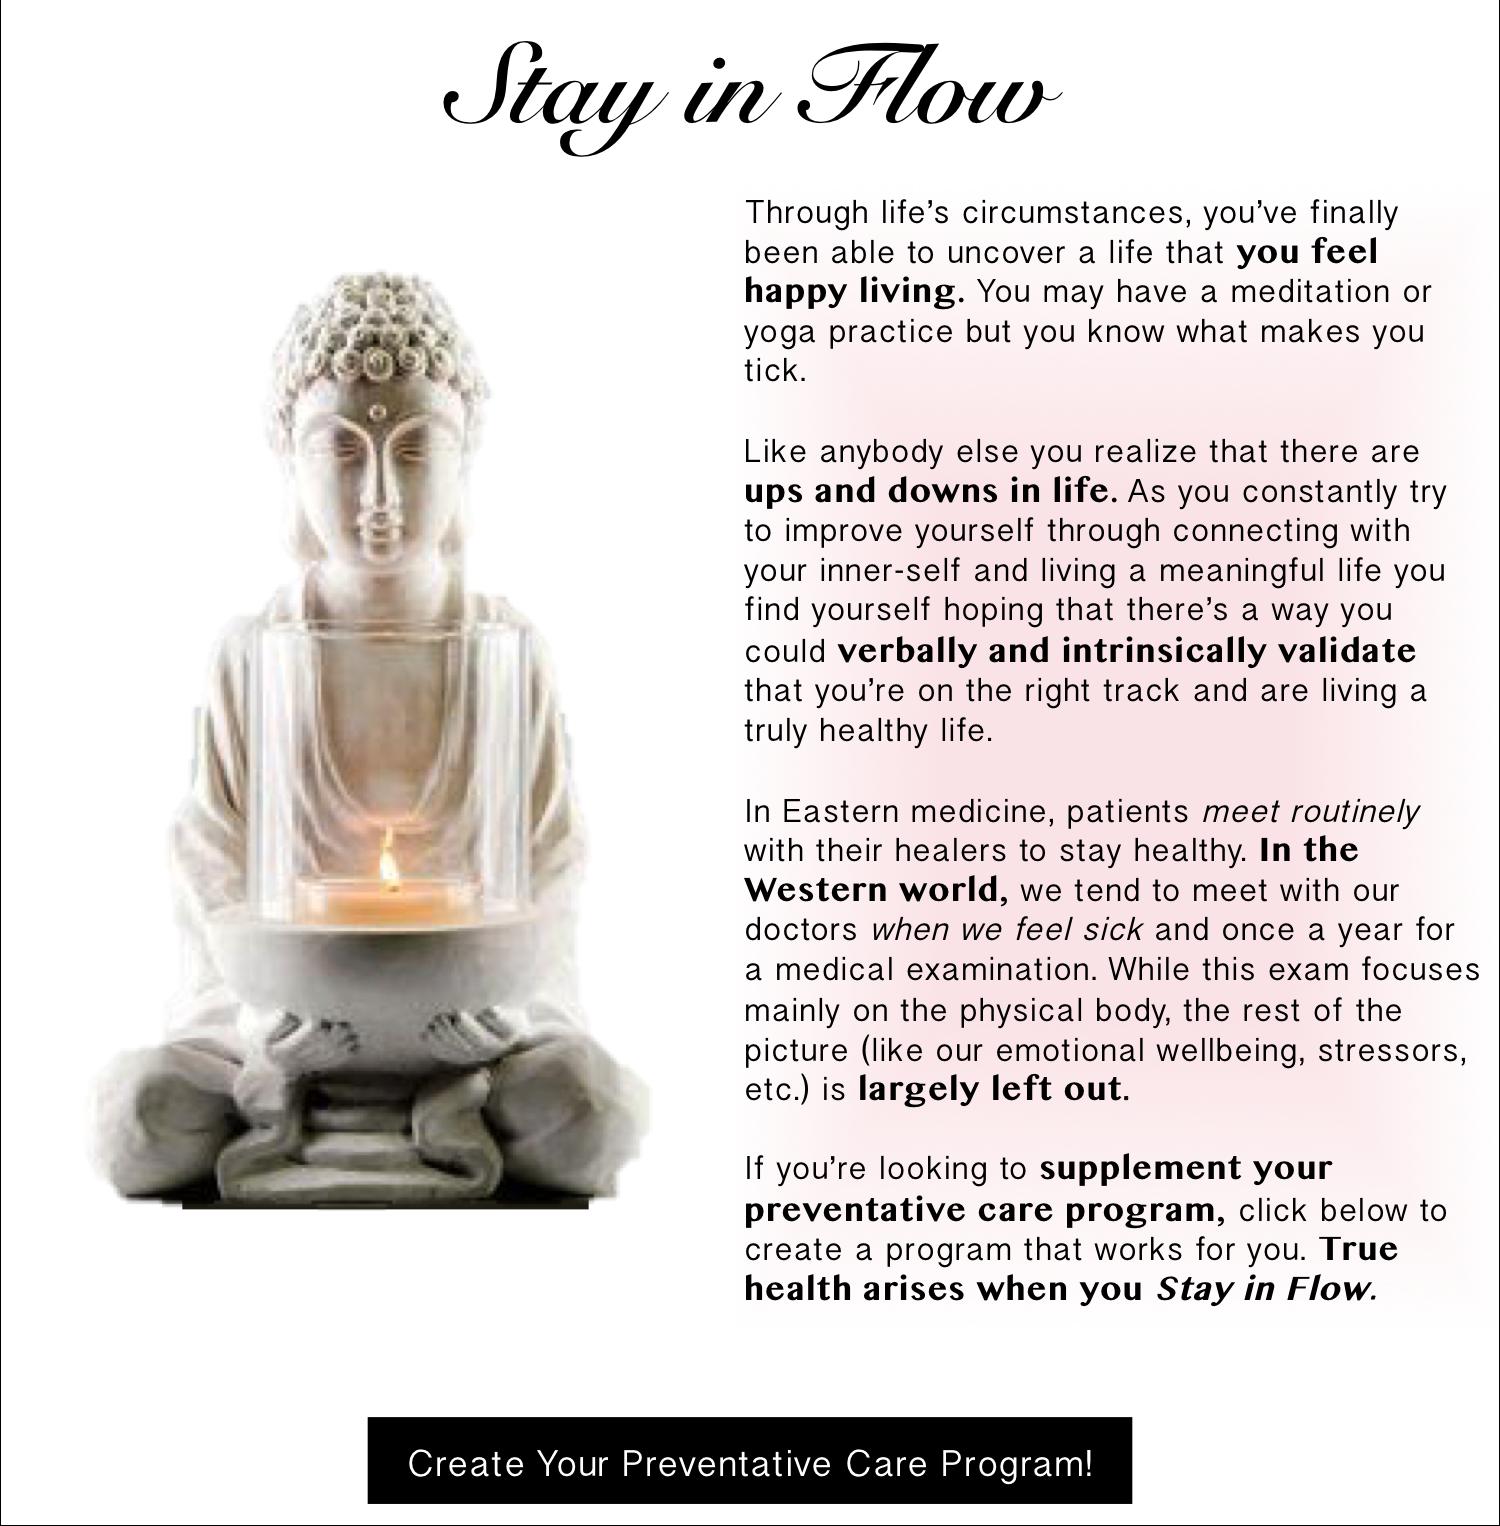 Stay in Flow Preventative Care Program